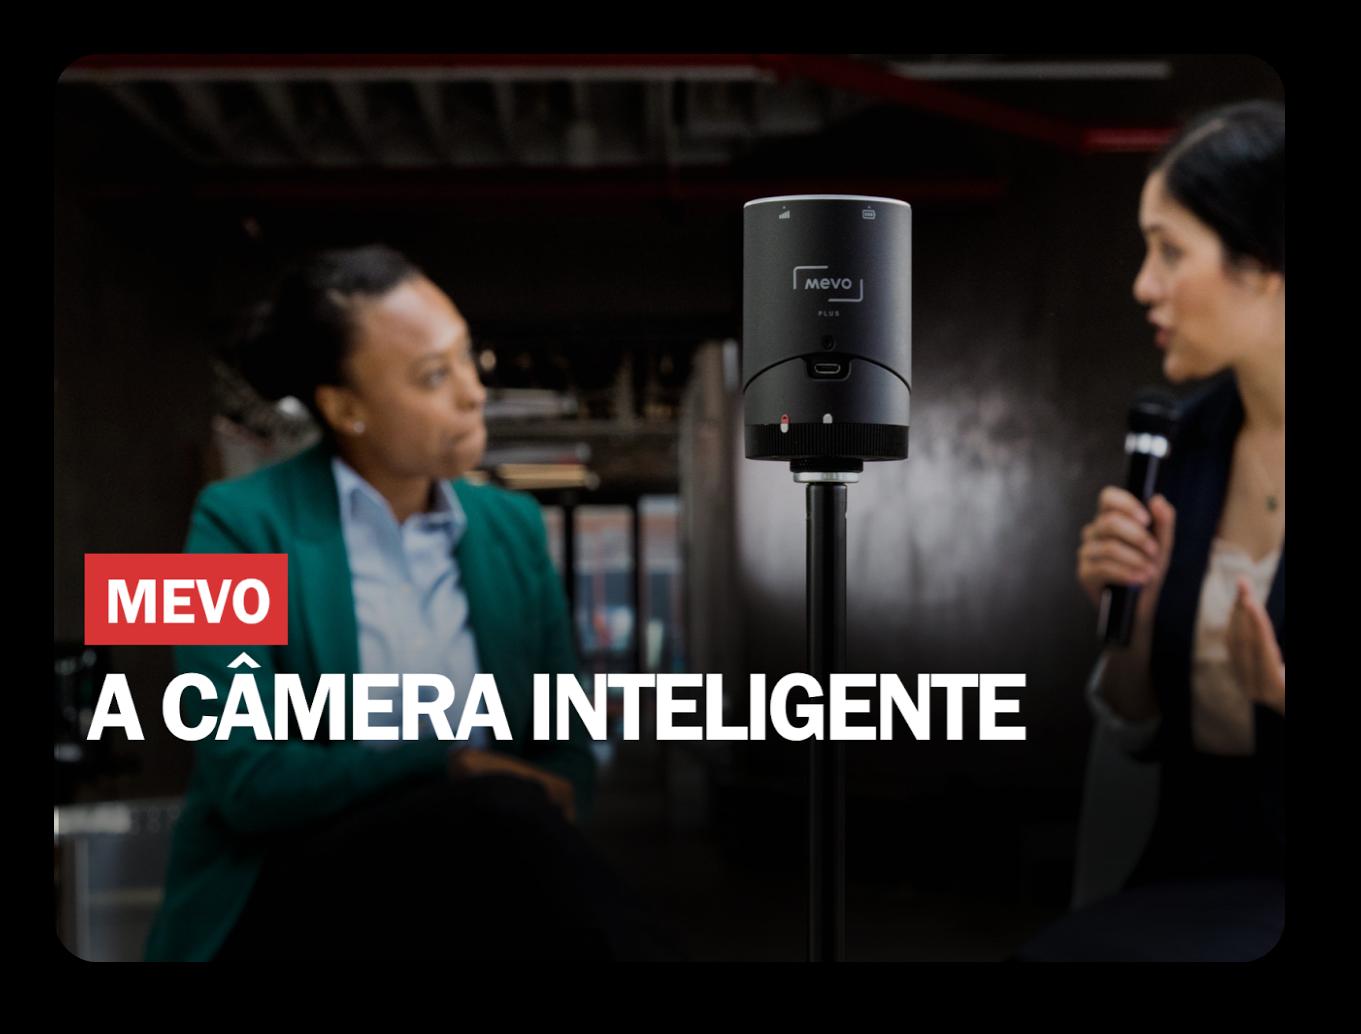 MEVO A Câmera Inteligente